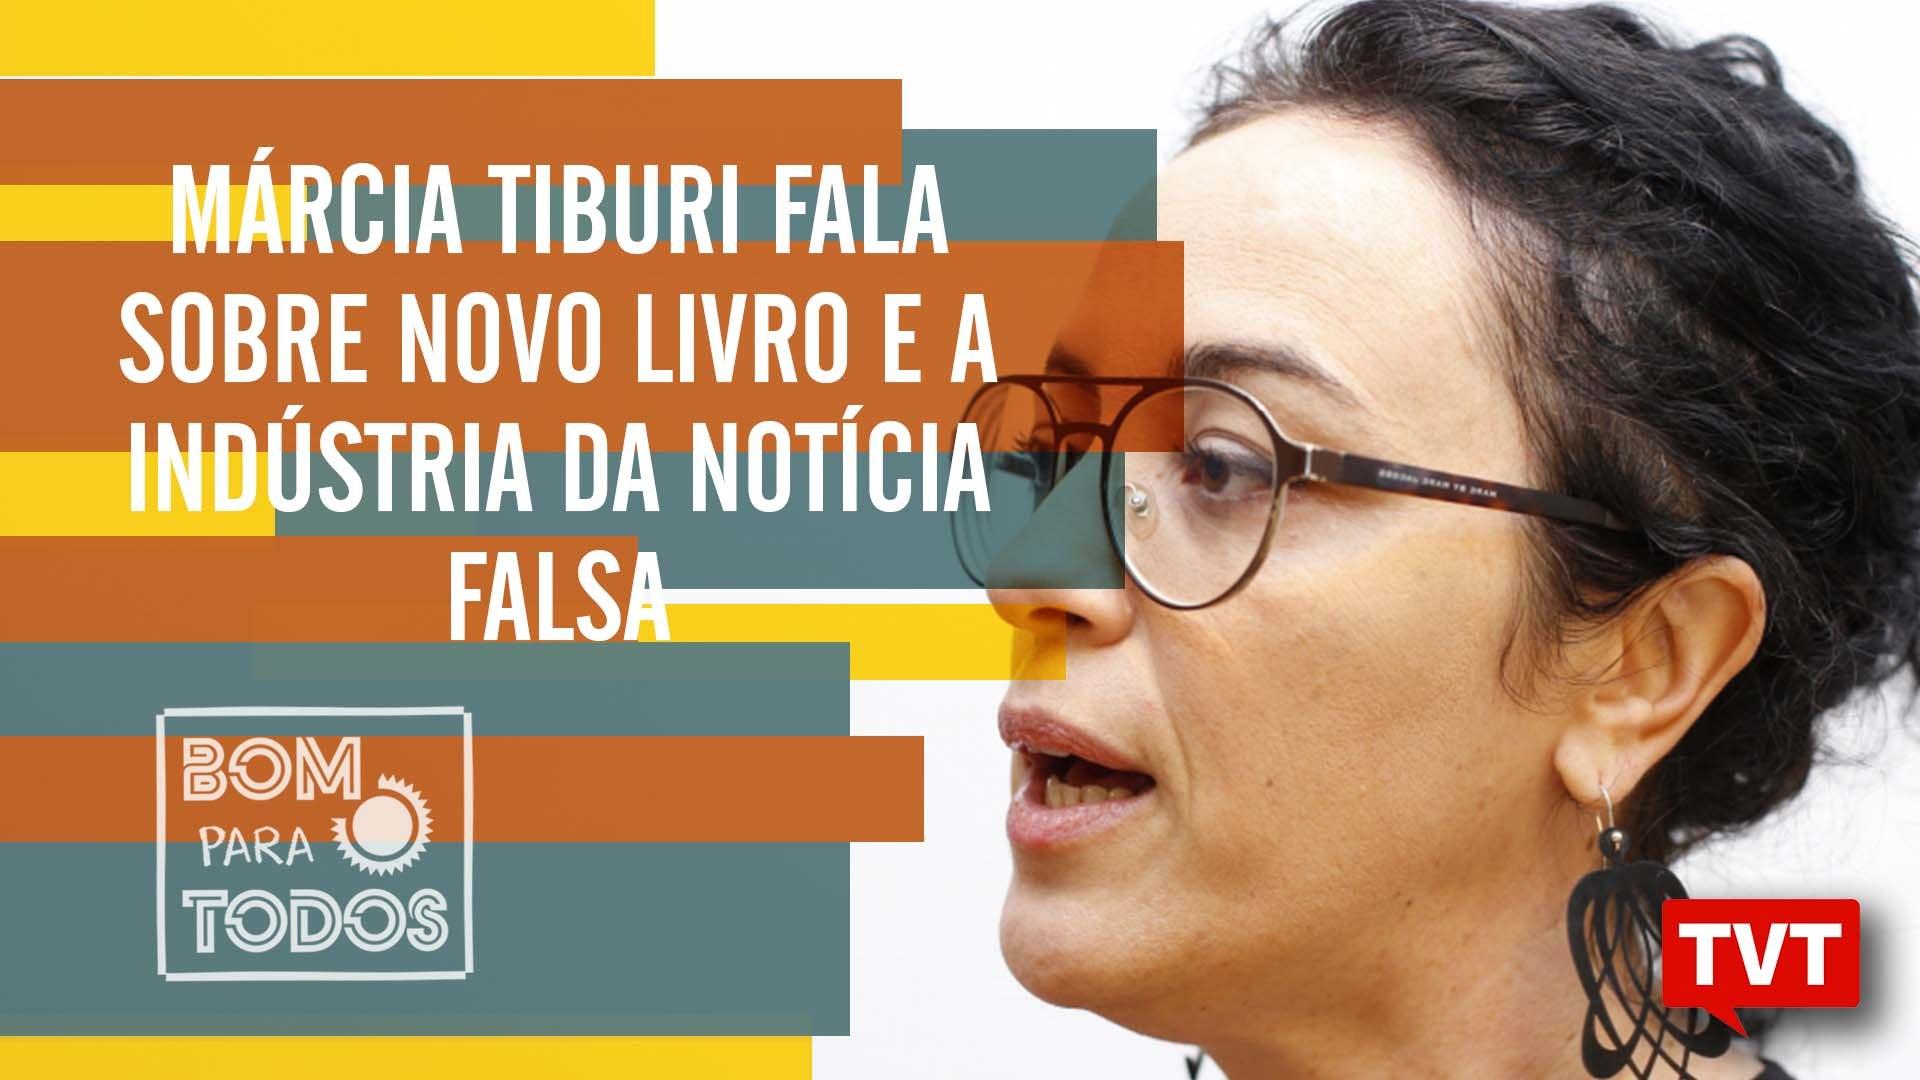 Márcia Tiburi fala sobre novo livro e a indústria da notícia falsa